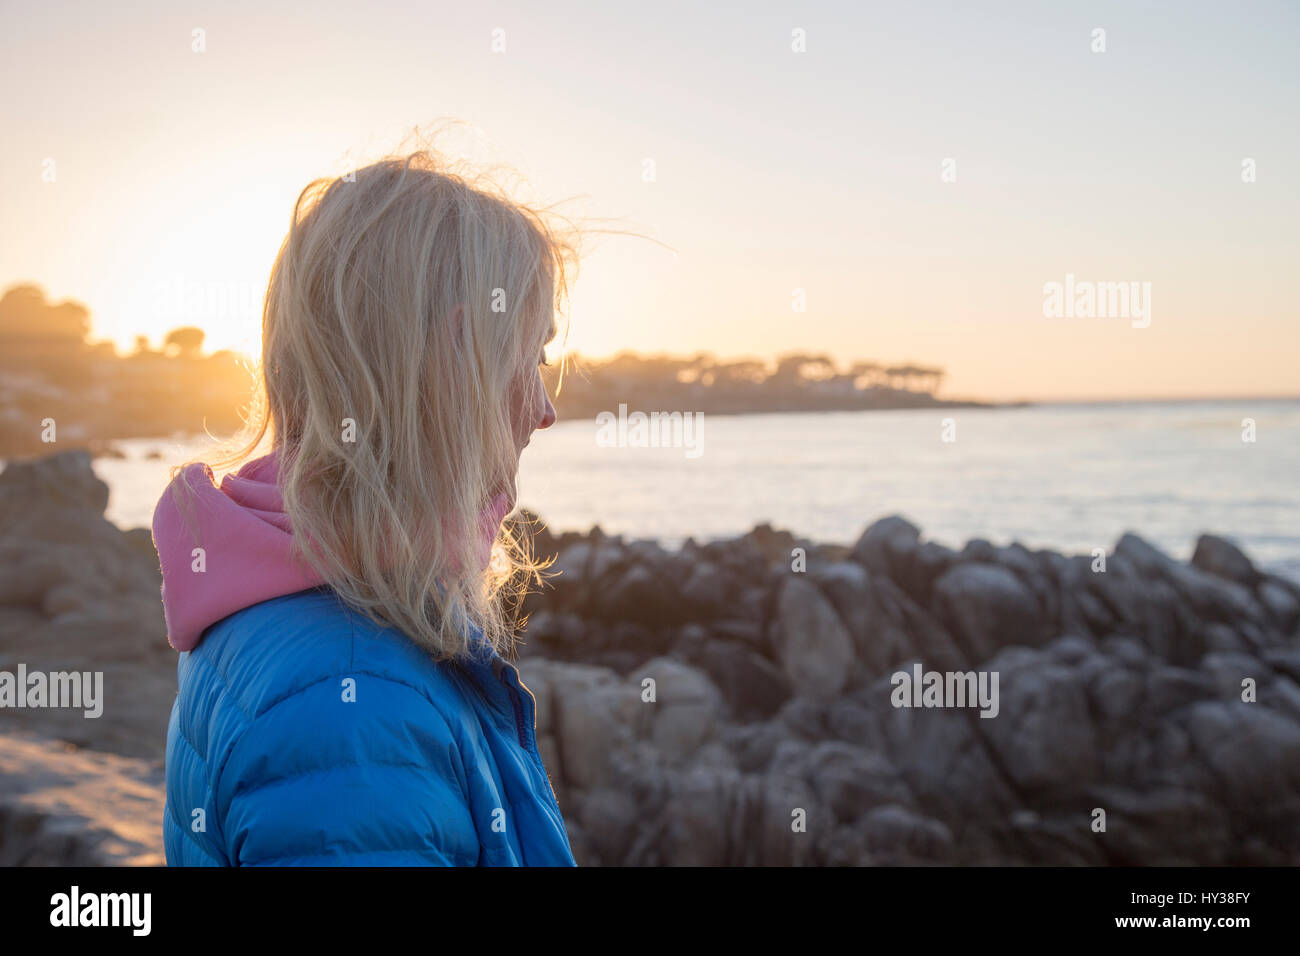 États-unis, Californie, Pacific Grove, young woman on rocky seashore au coucher du soleil Photo Stock